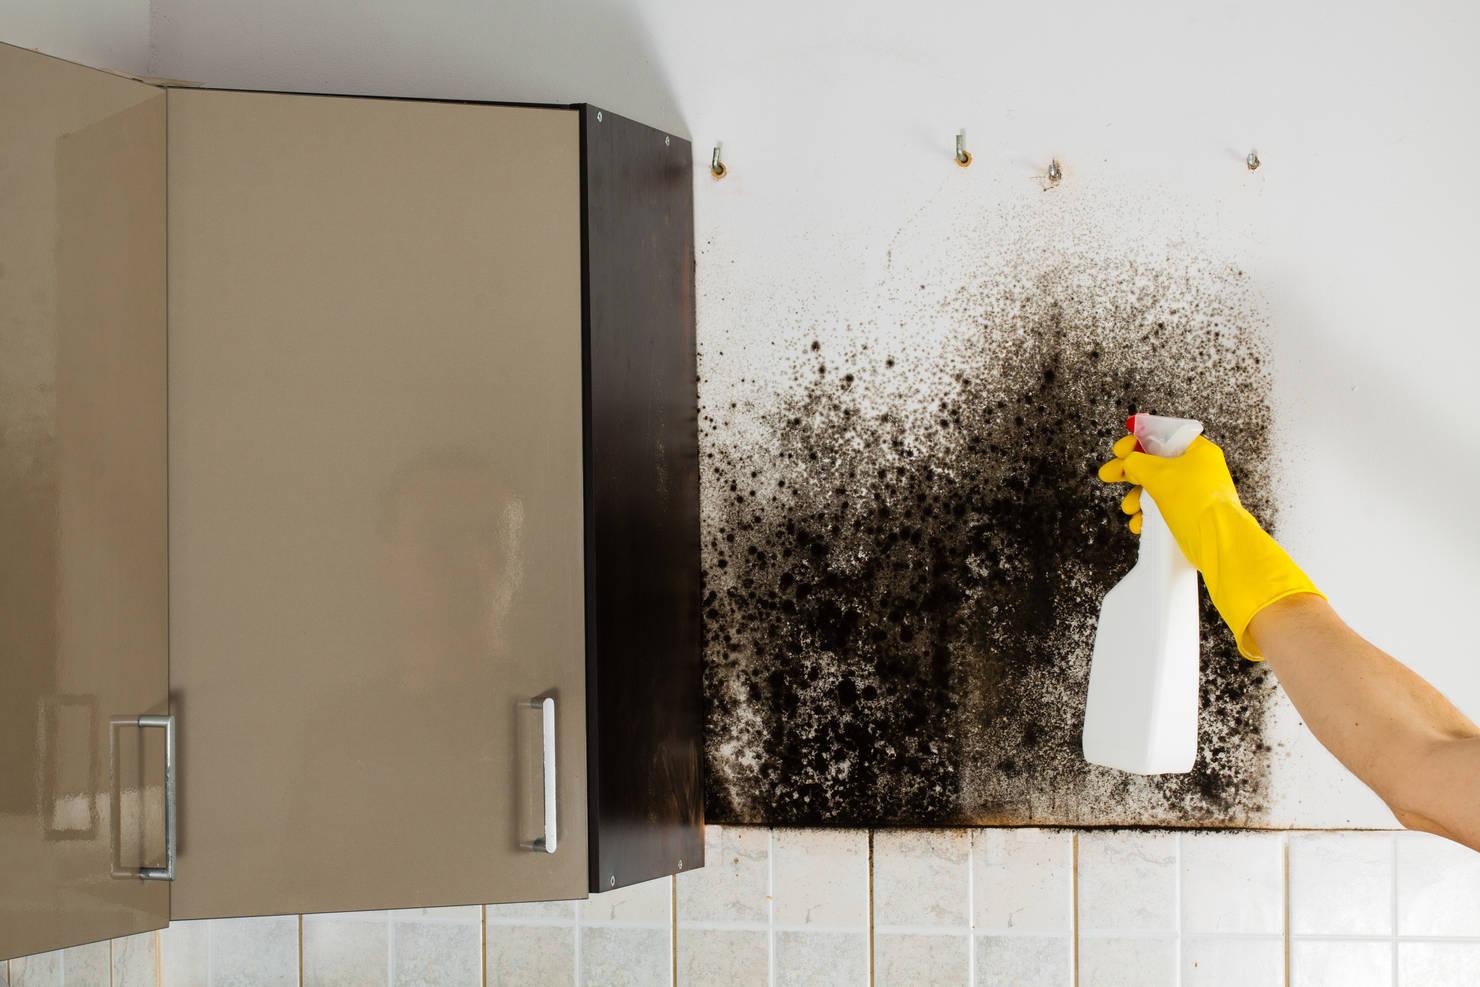 Tutto quello che devi sapere sull'umidità in casa e come eliminarla